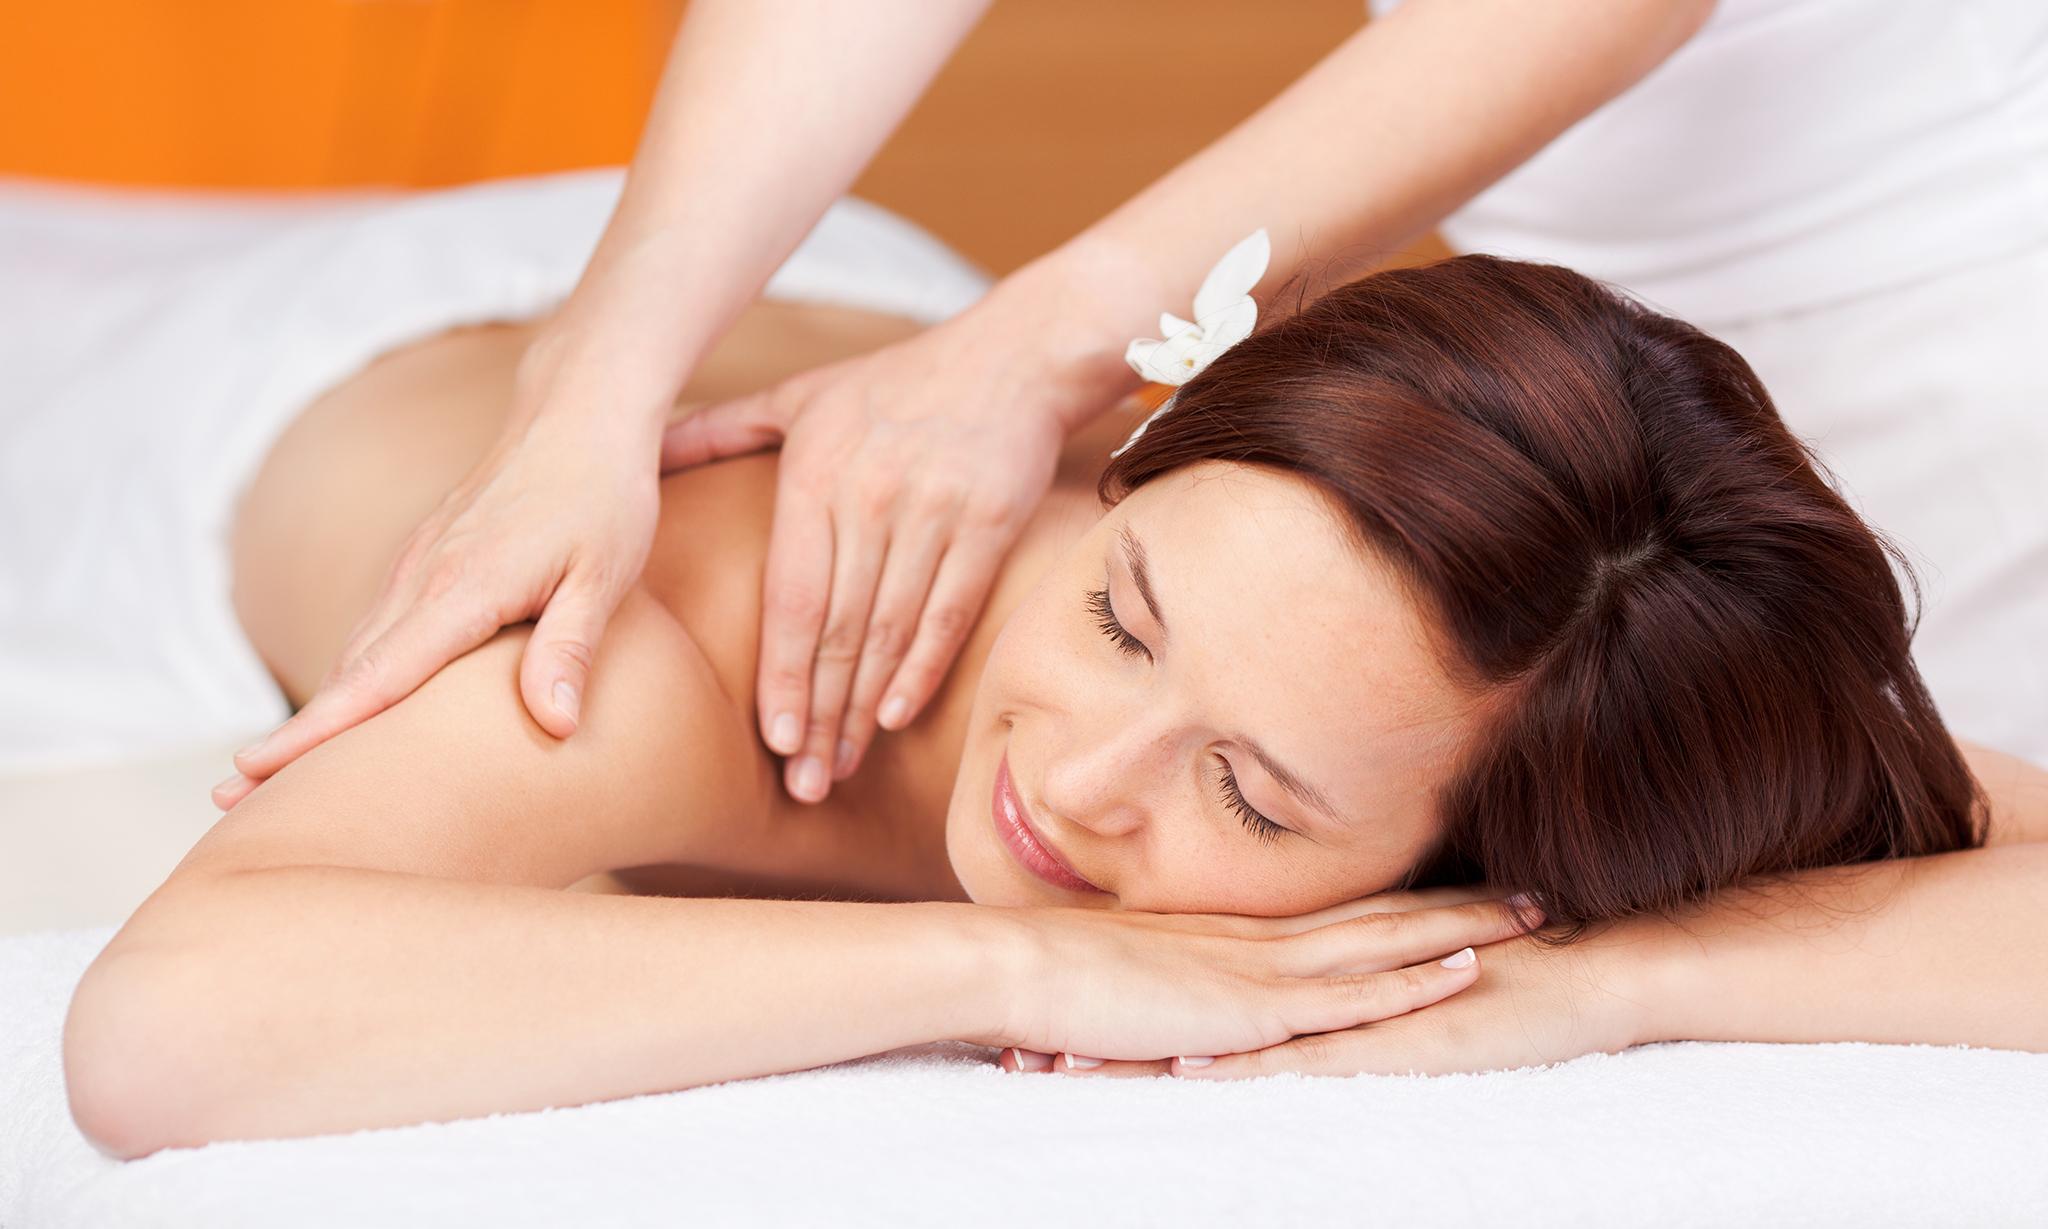 pillun nuoleminen body to body massage helsinki